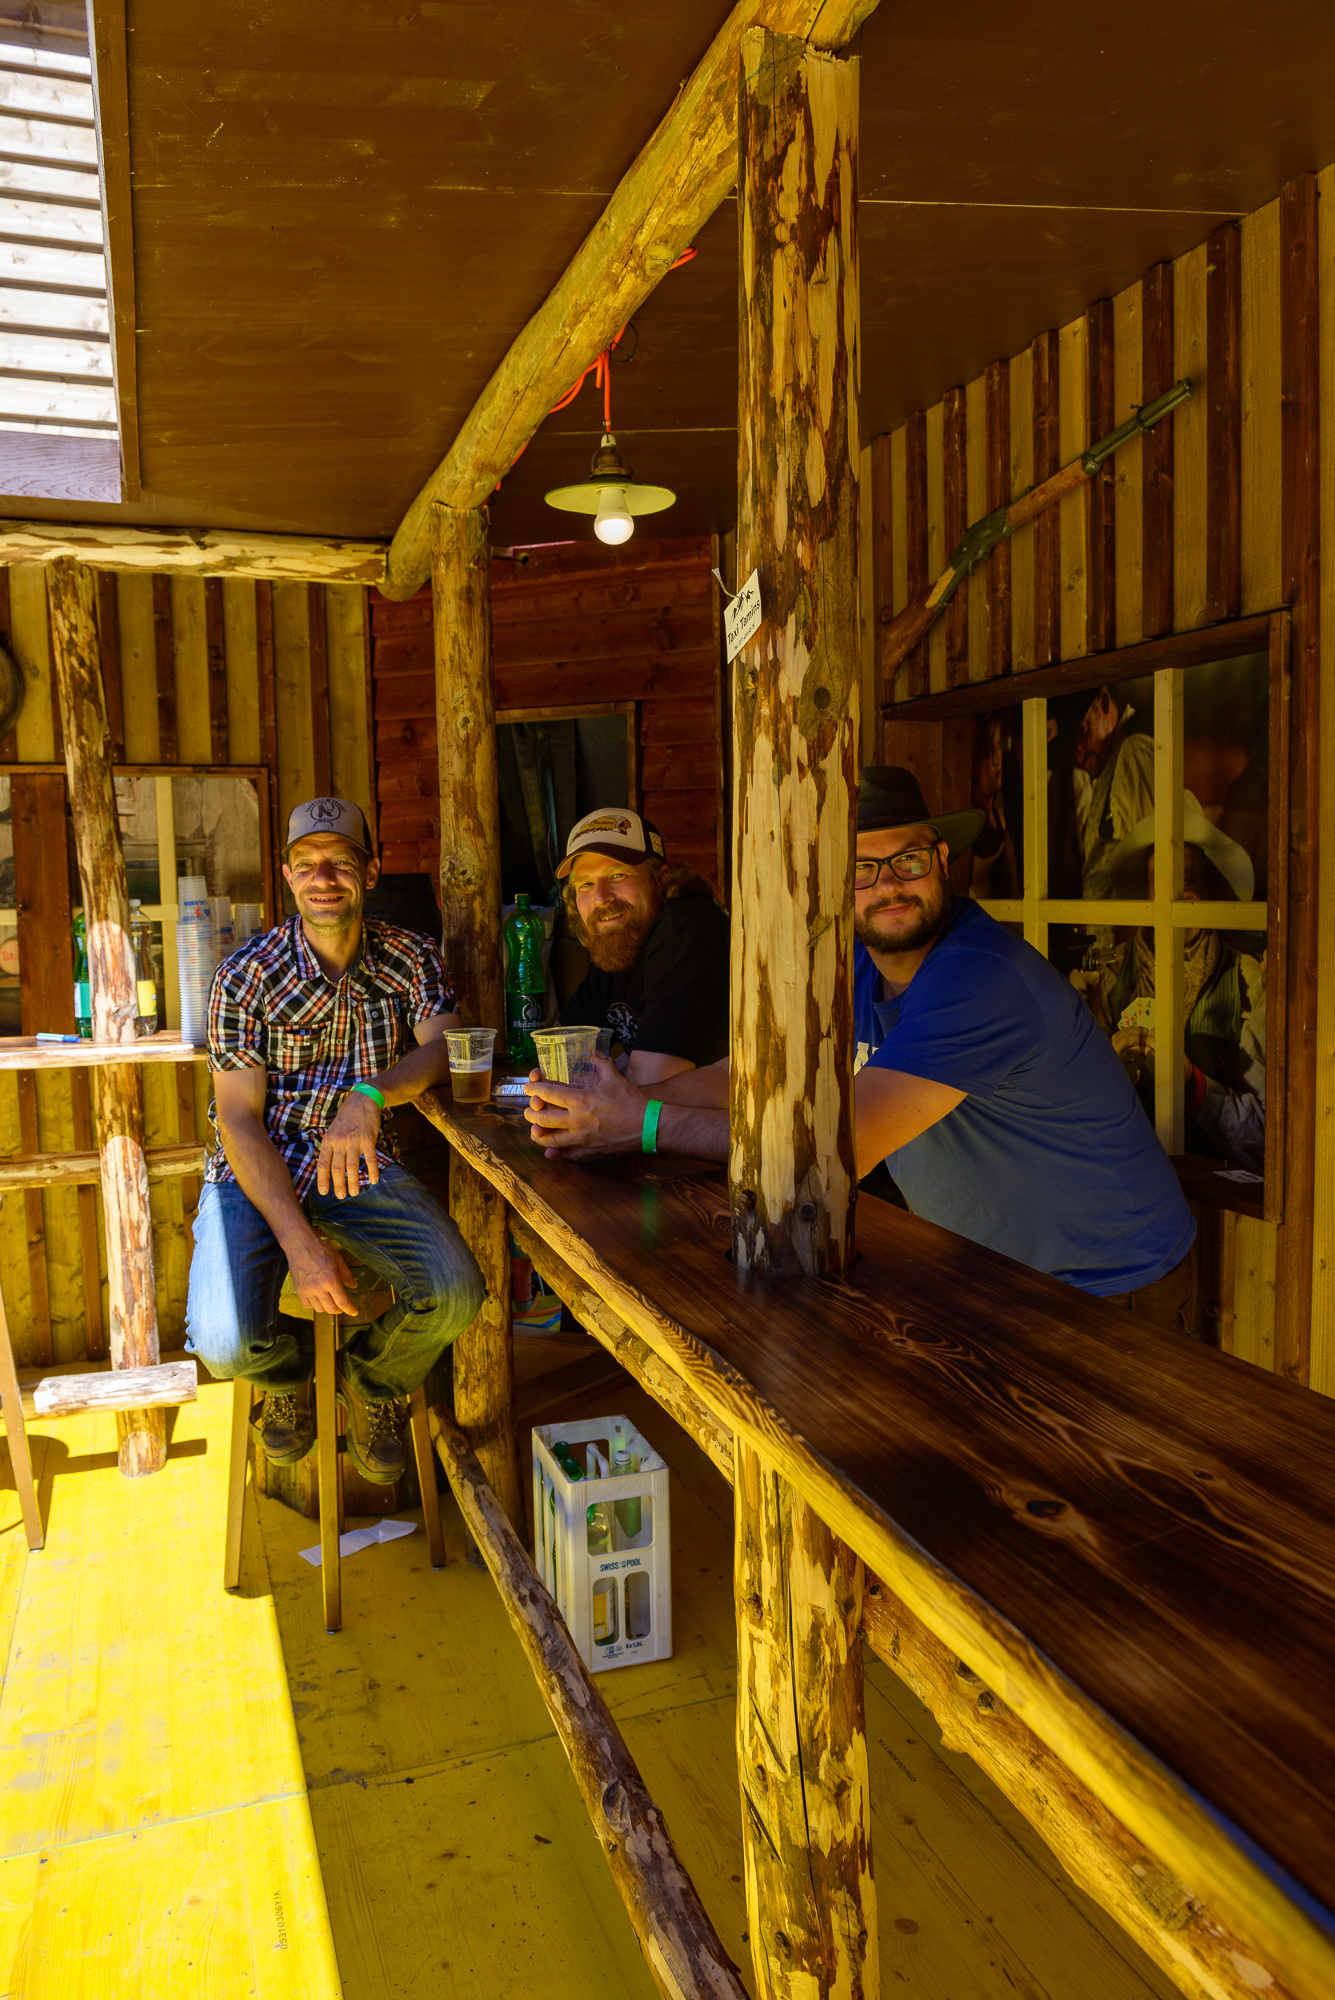 Bier-Saloon